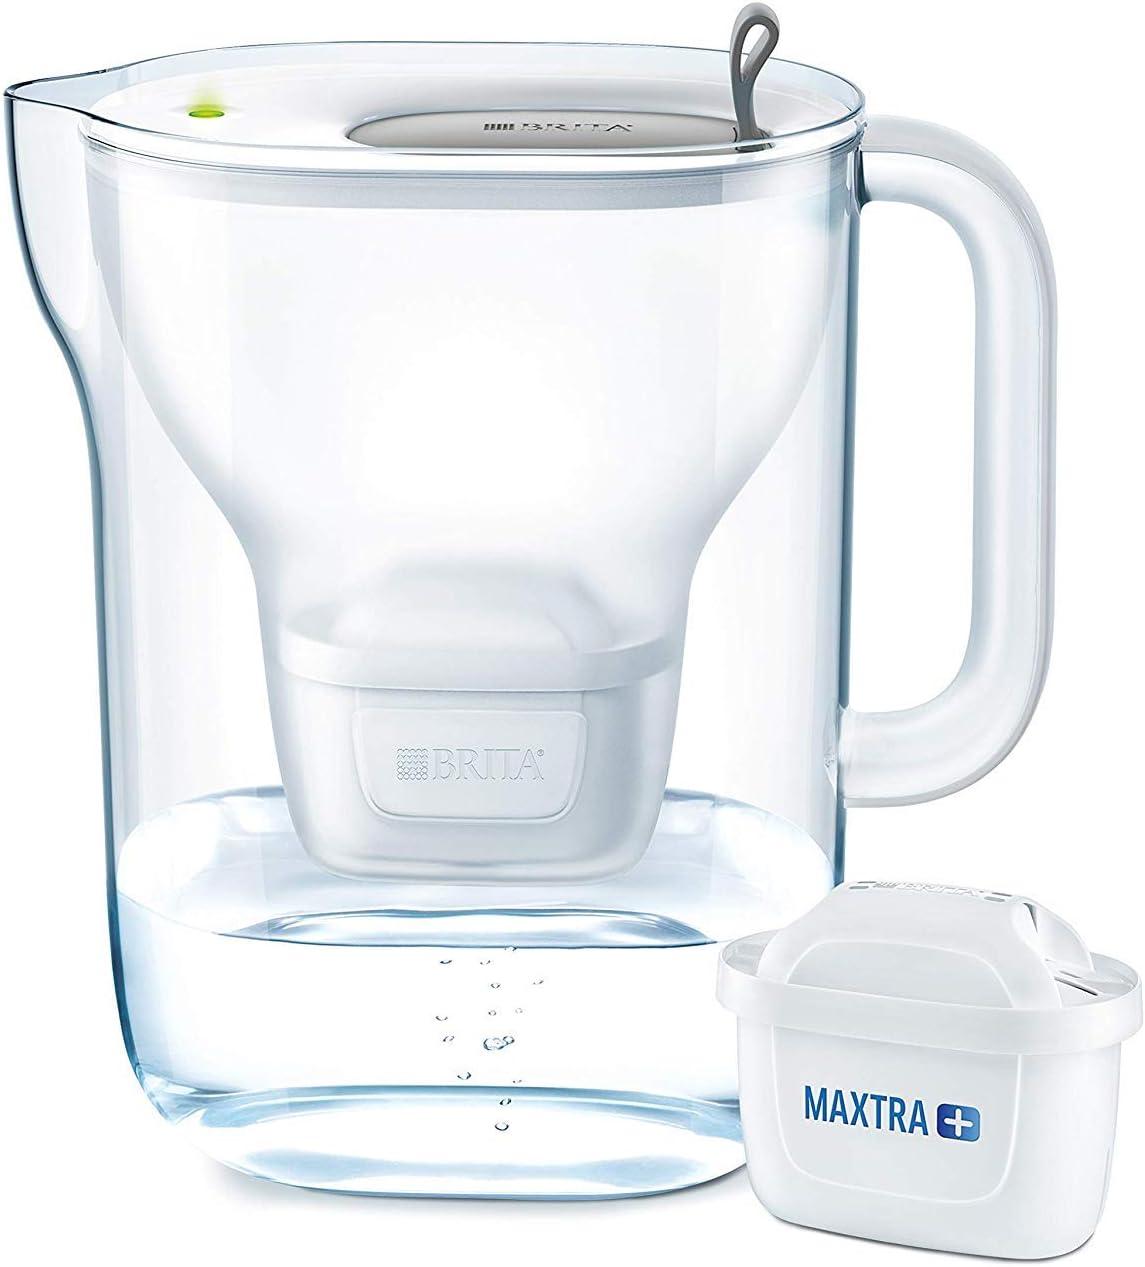 Brita Wasserfilter Style XL – Der große Bruder mit 2,3 Litern